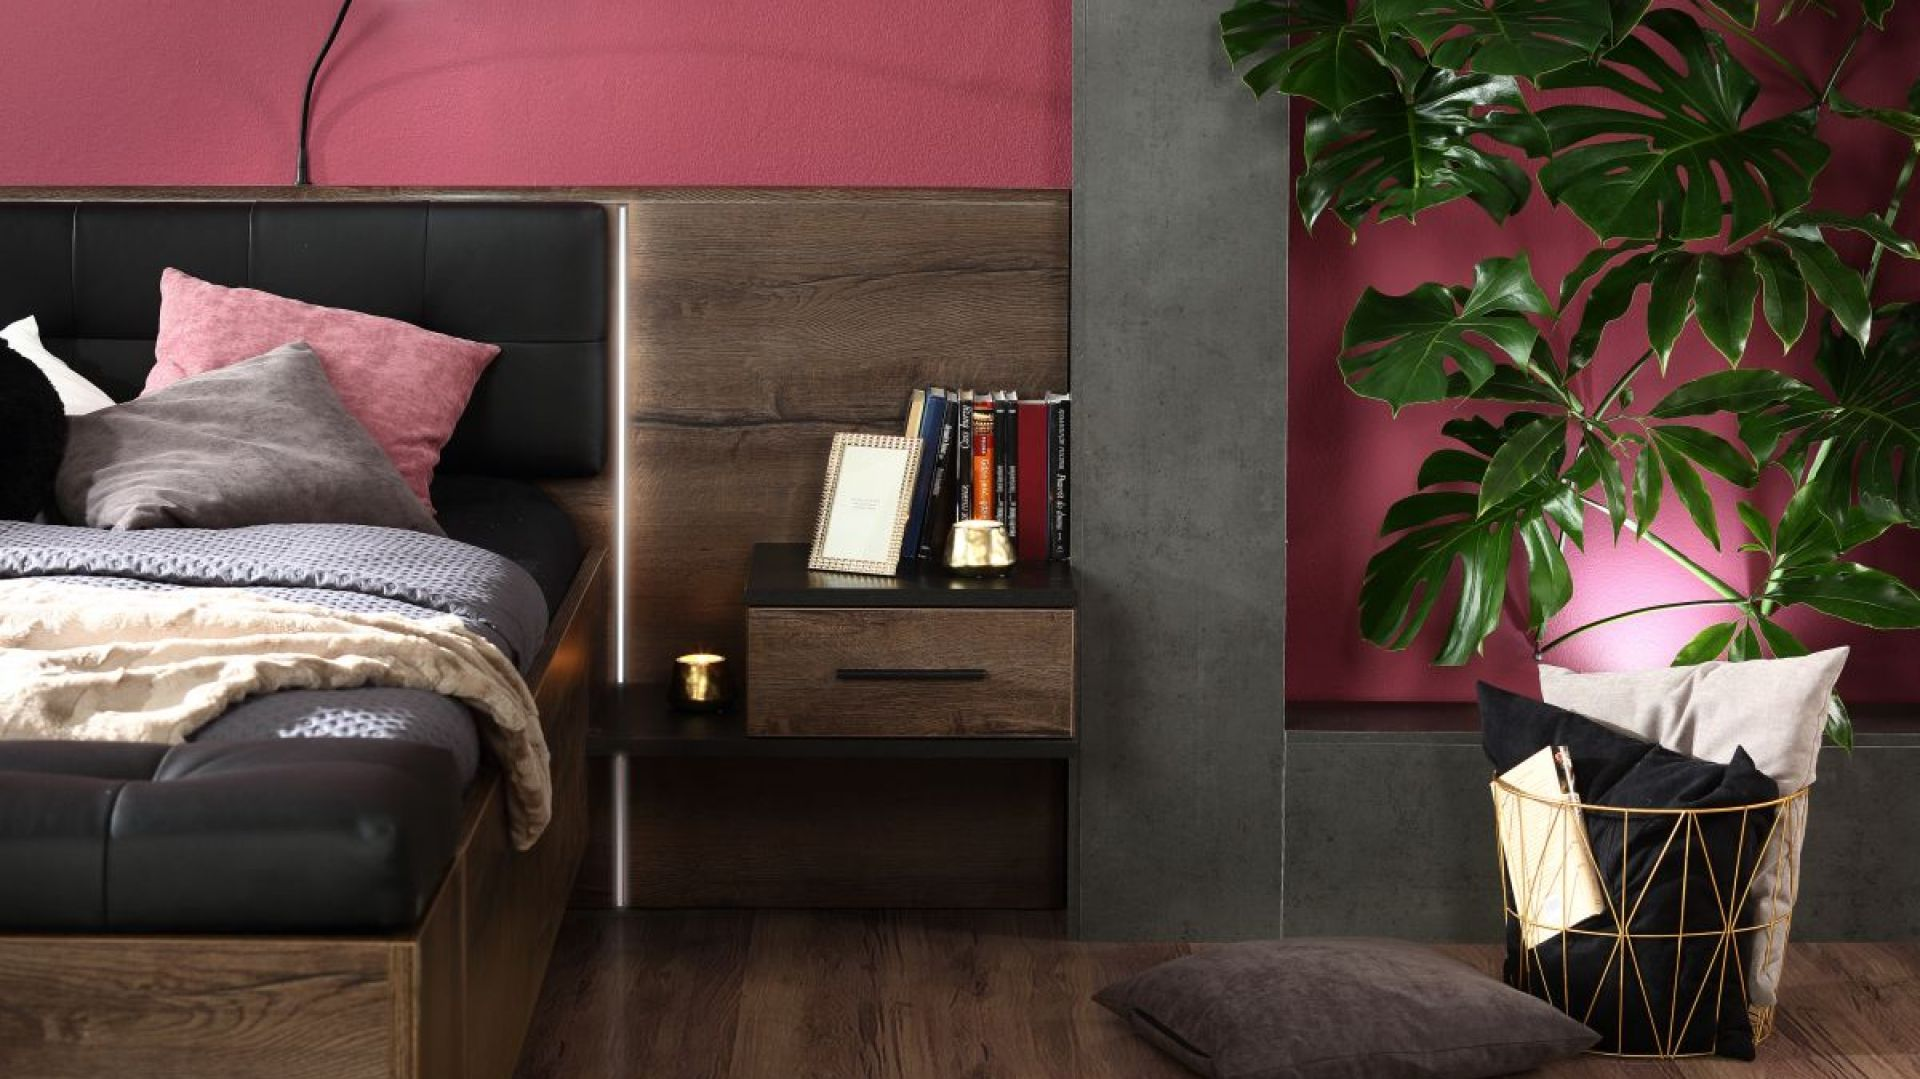 Szafka nocna zintegrowana z łóżkiem – kolekcja